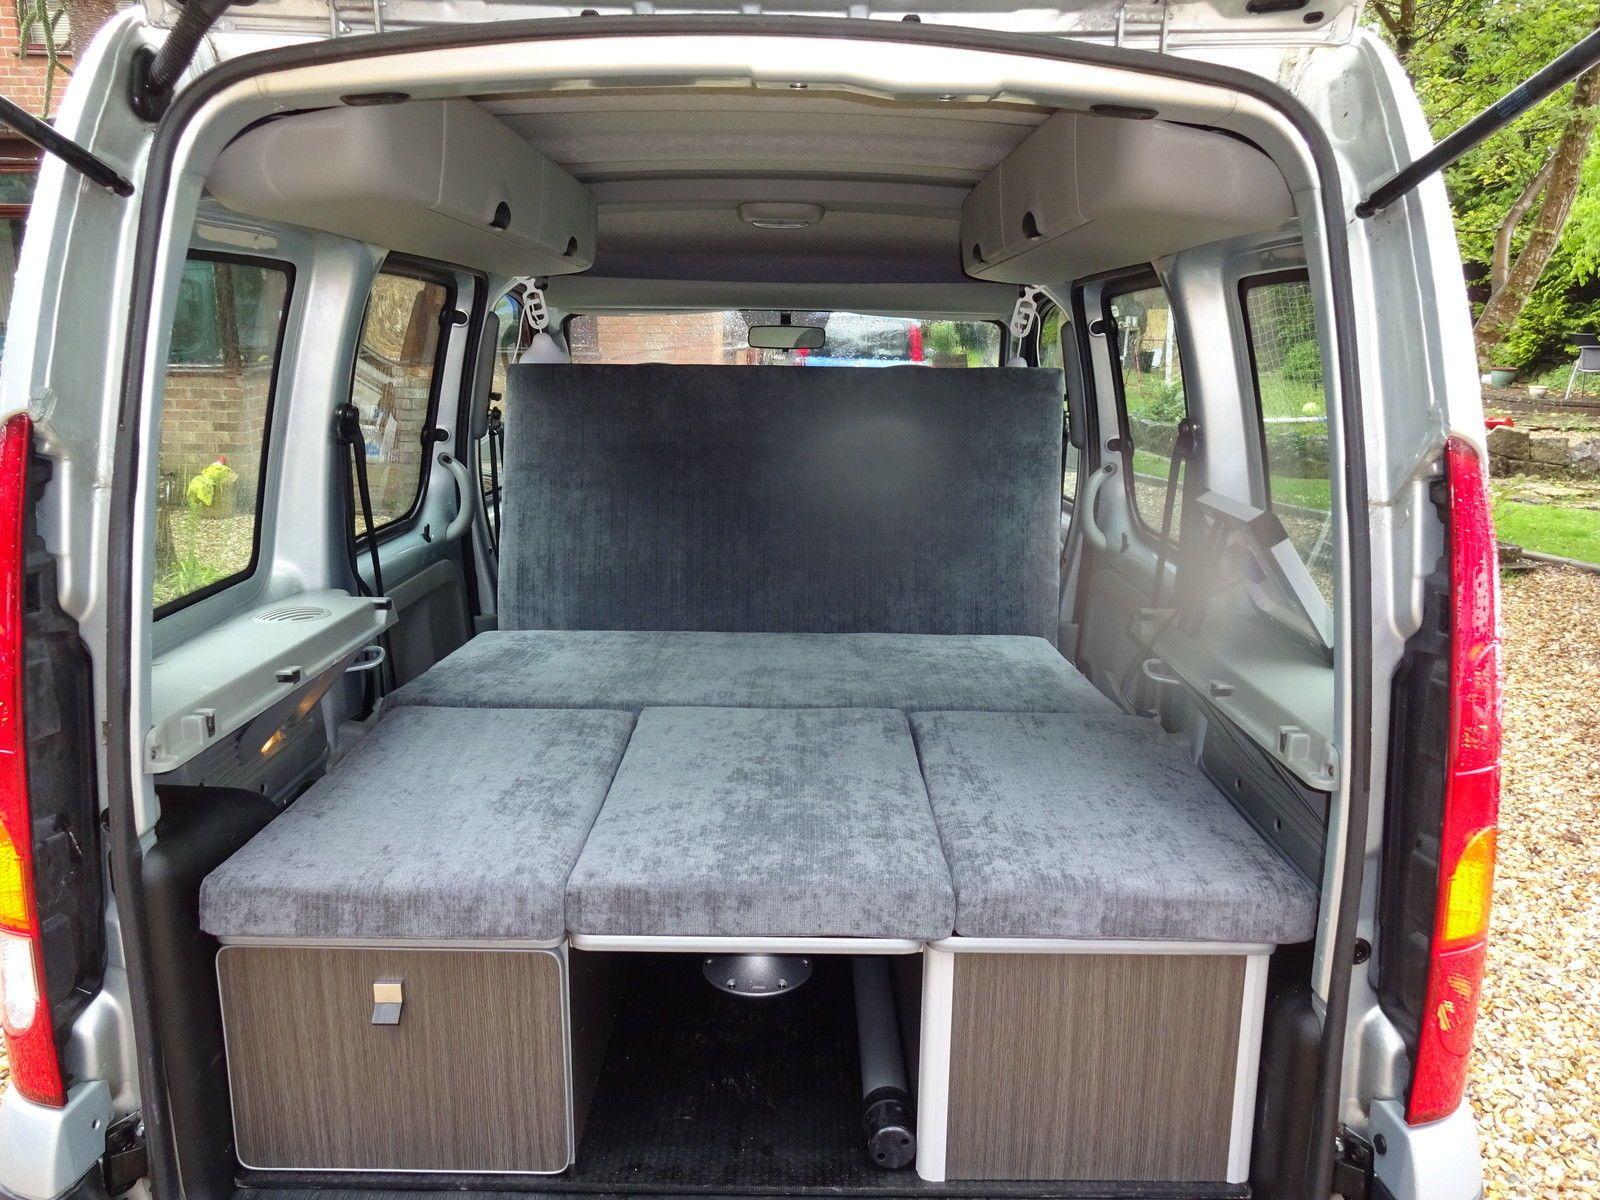 171 best RV images on Pinterest   Caravan, Van camping and Vans